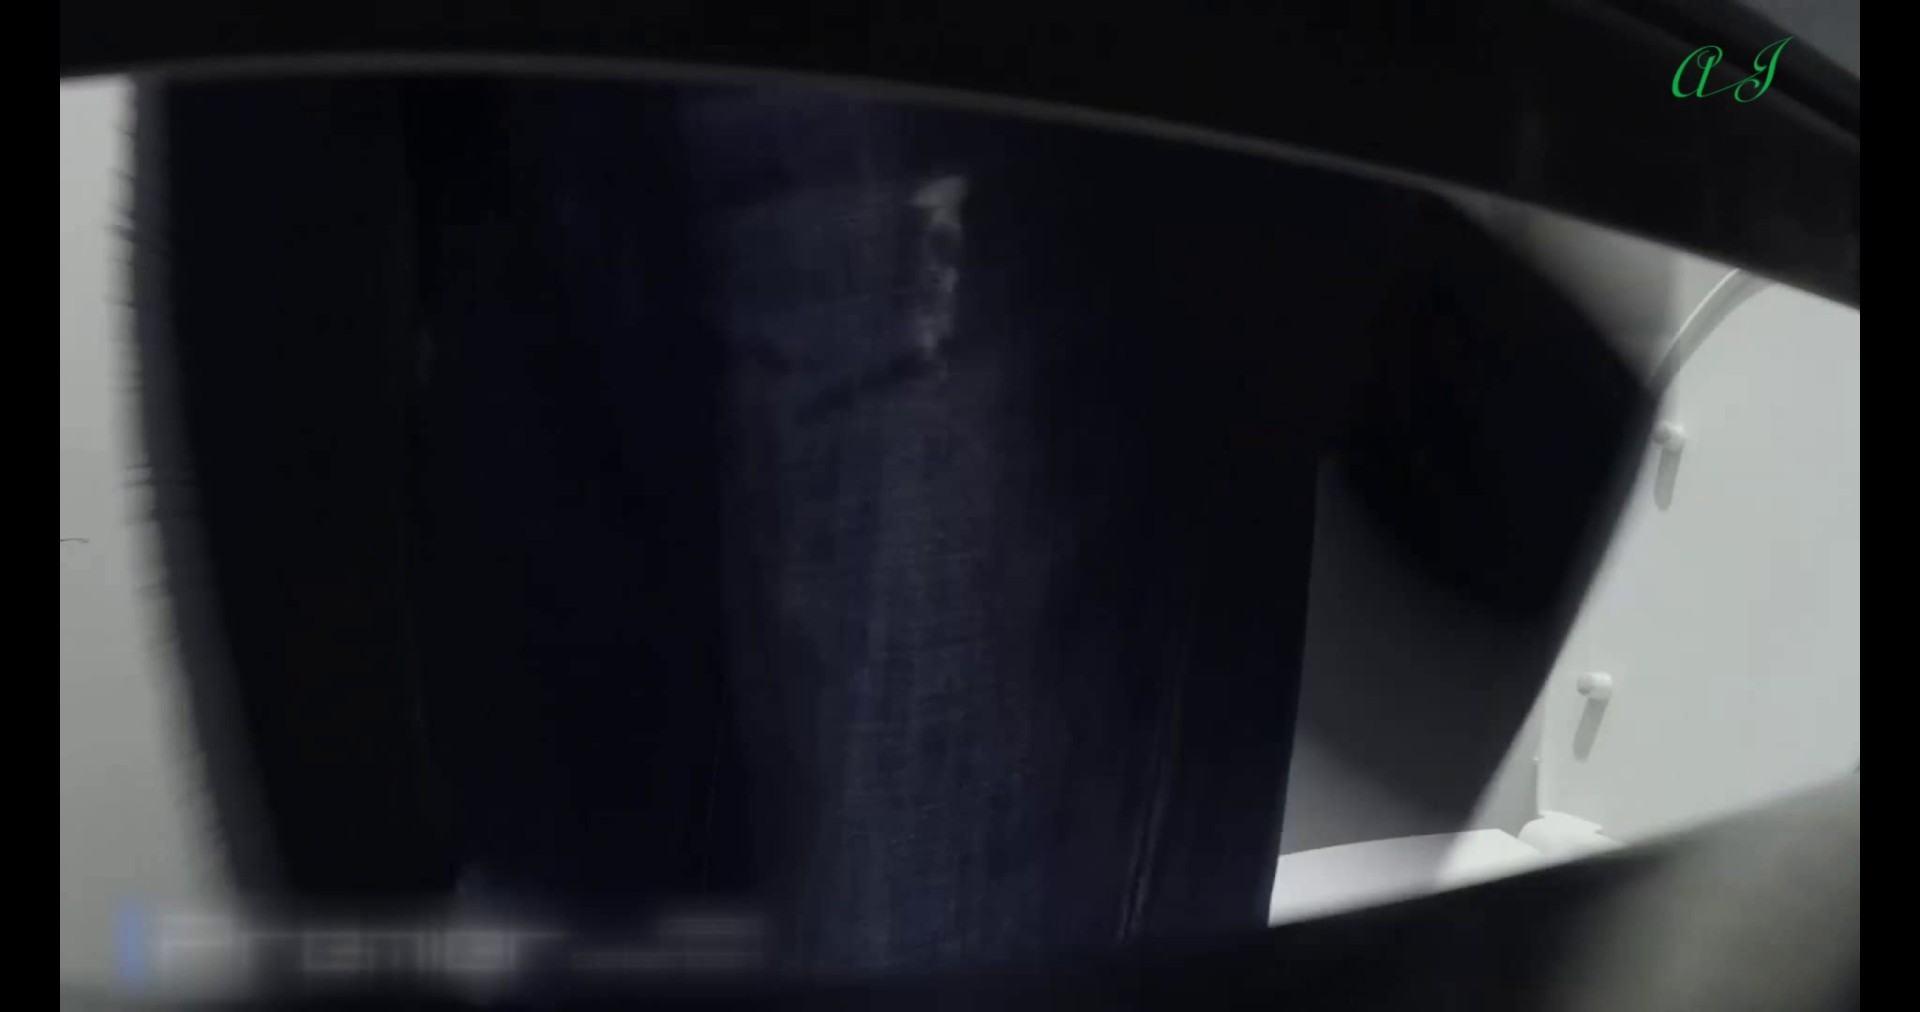 【某有名大学女性洗面所】有名大学女性洗面所 vol.74 後編 潜入突撃  81pic 4